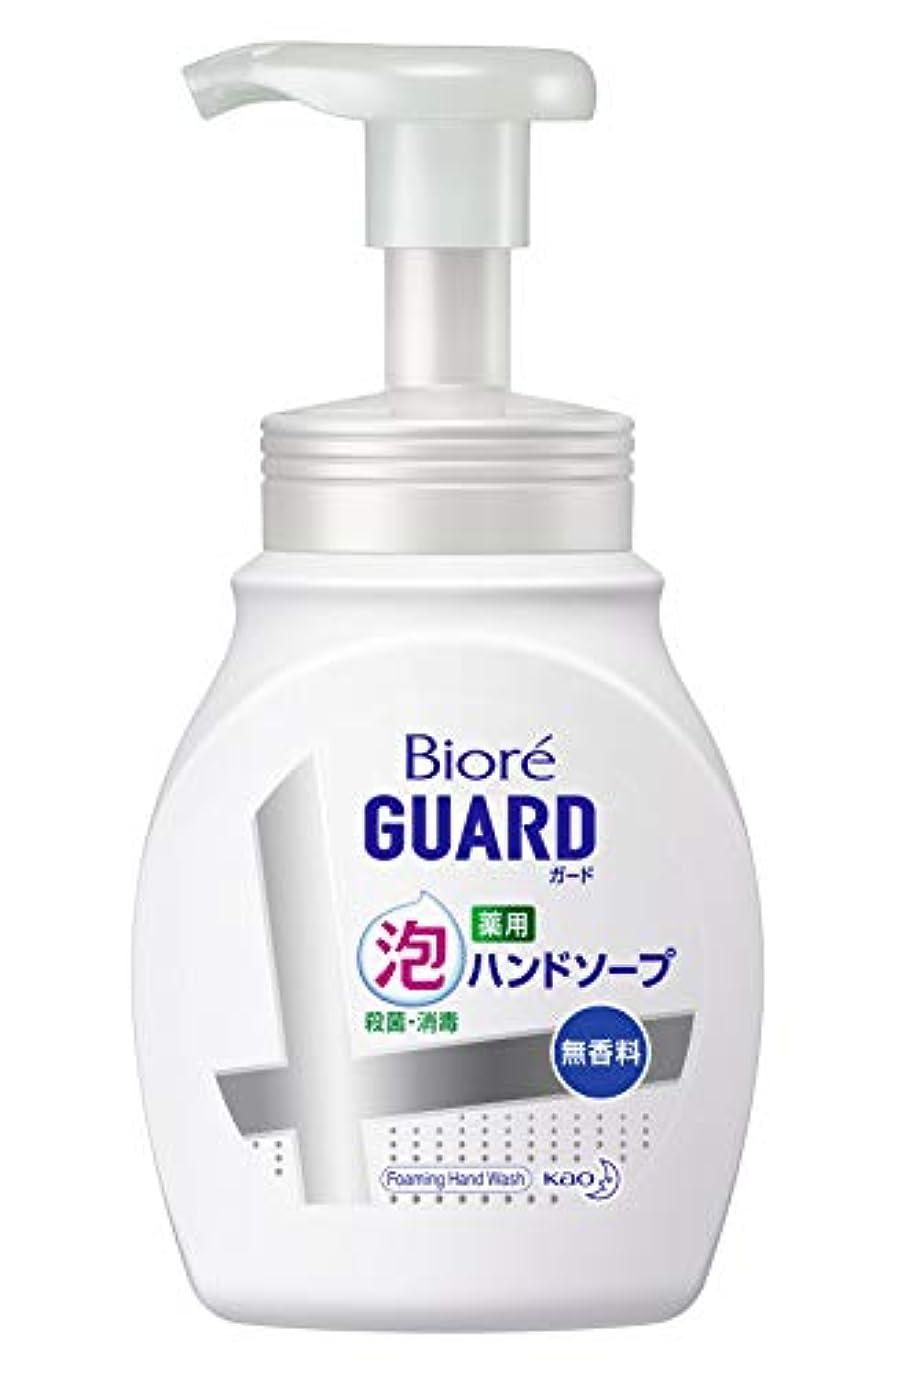 縮約咳オンビオレガード薬用泡ハンドソープ 無香料 ポンプ 250ml